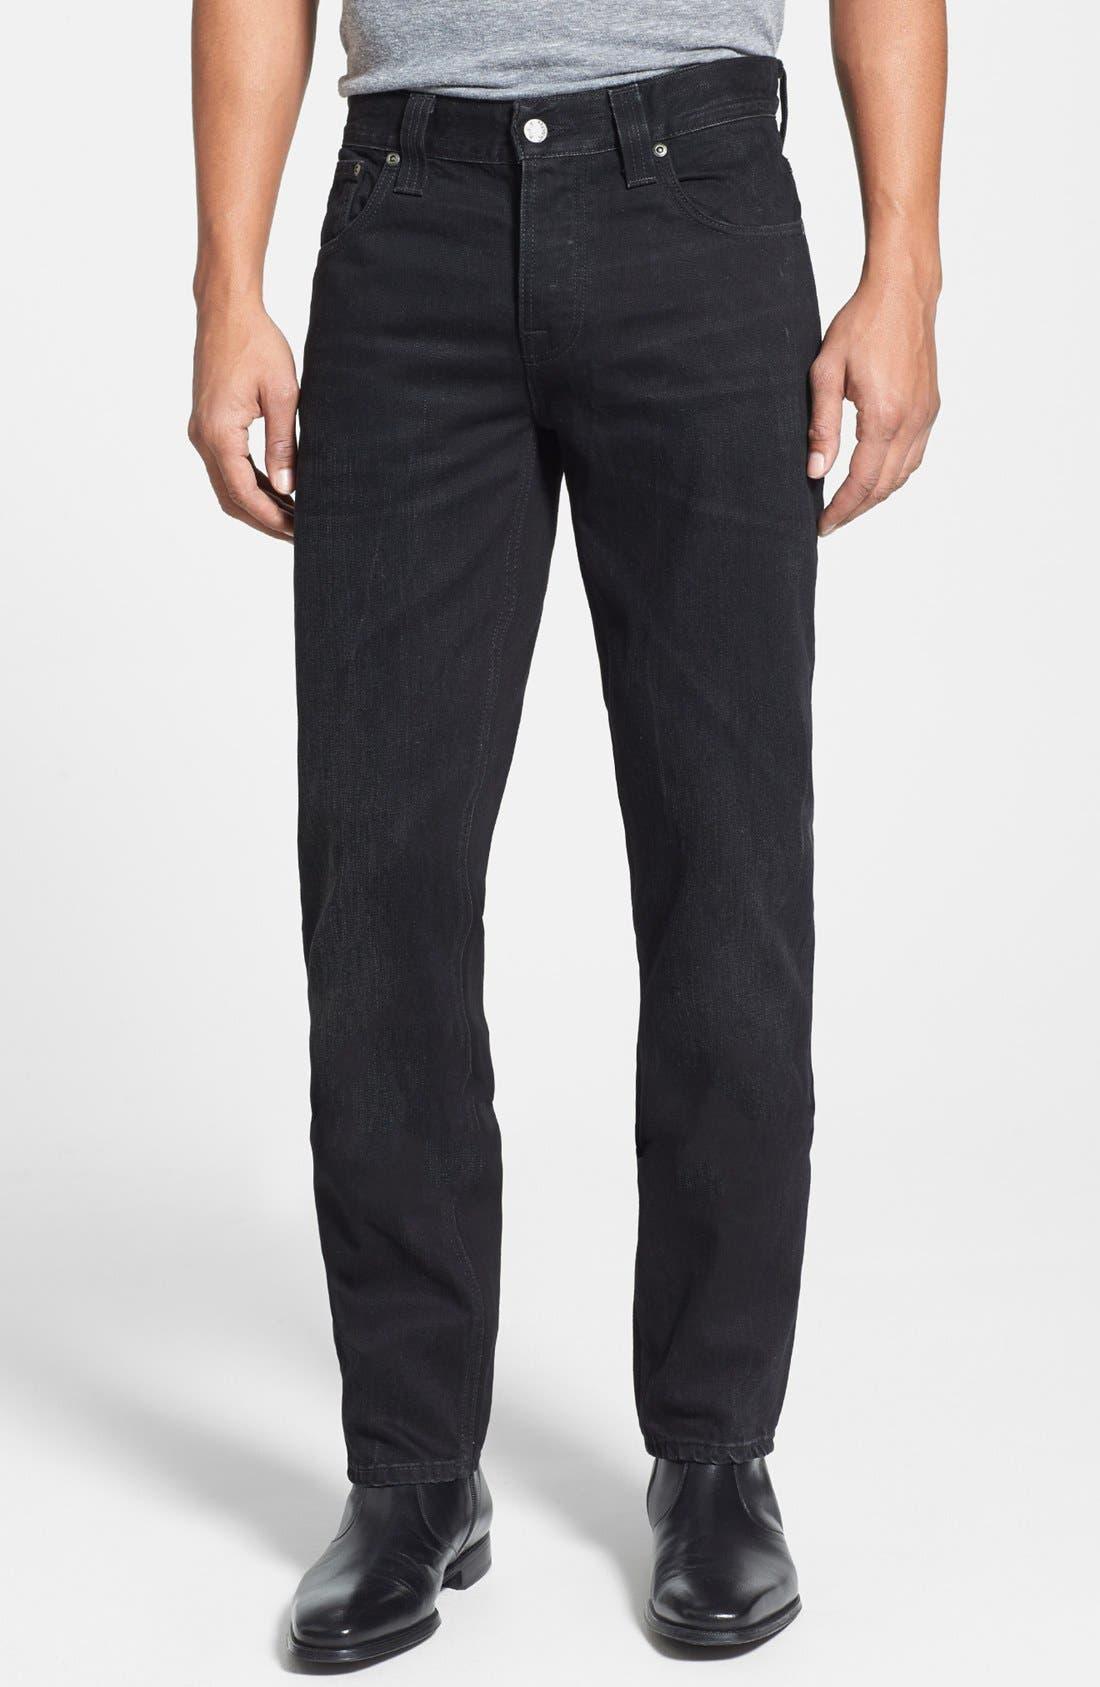 Alternate Image 1 Selected - Nudie Jeans 'Grim Tim' Skinny Fit Jeans (Organic Black Grease)